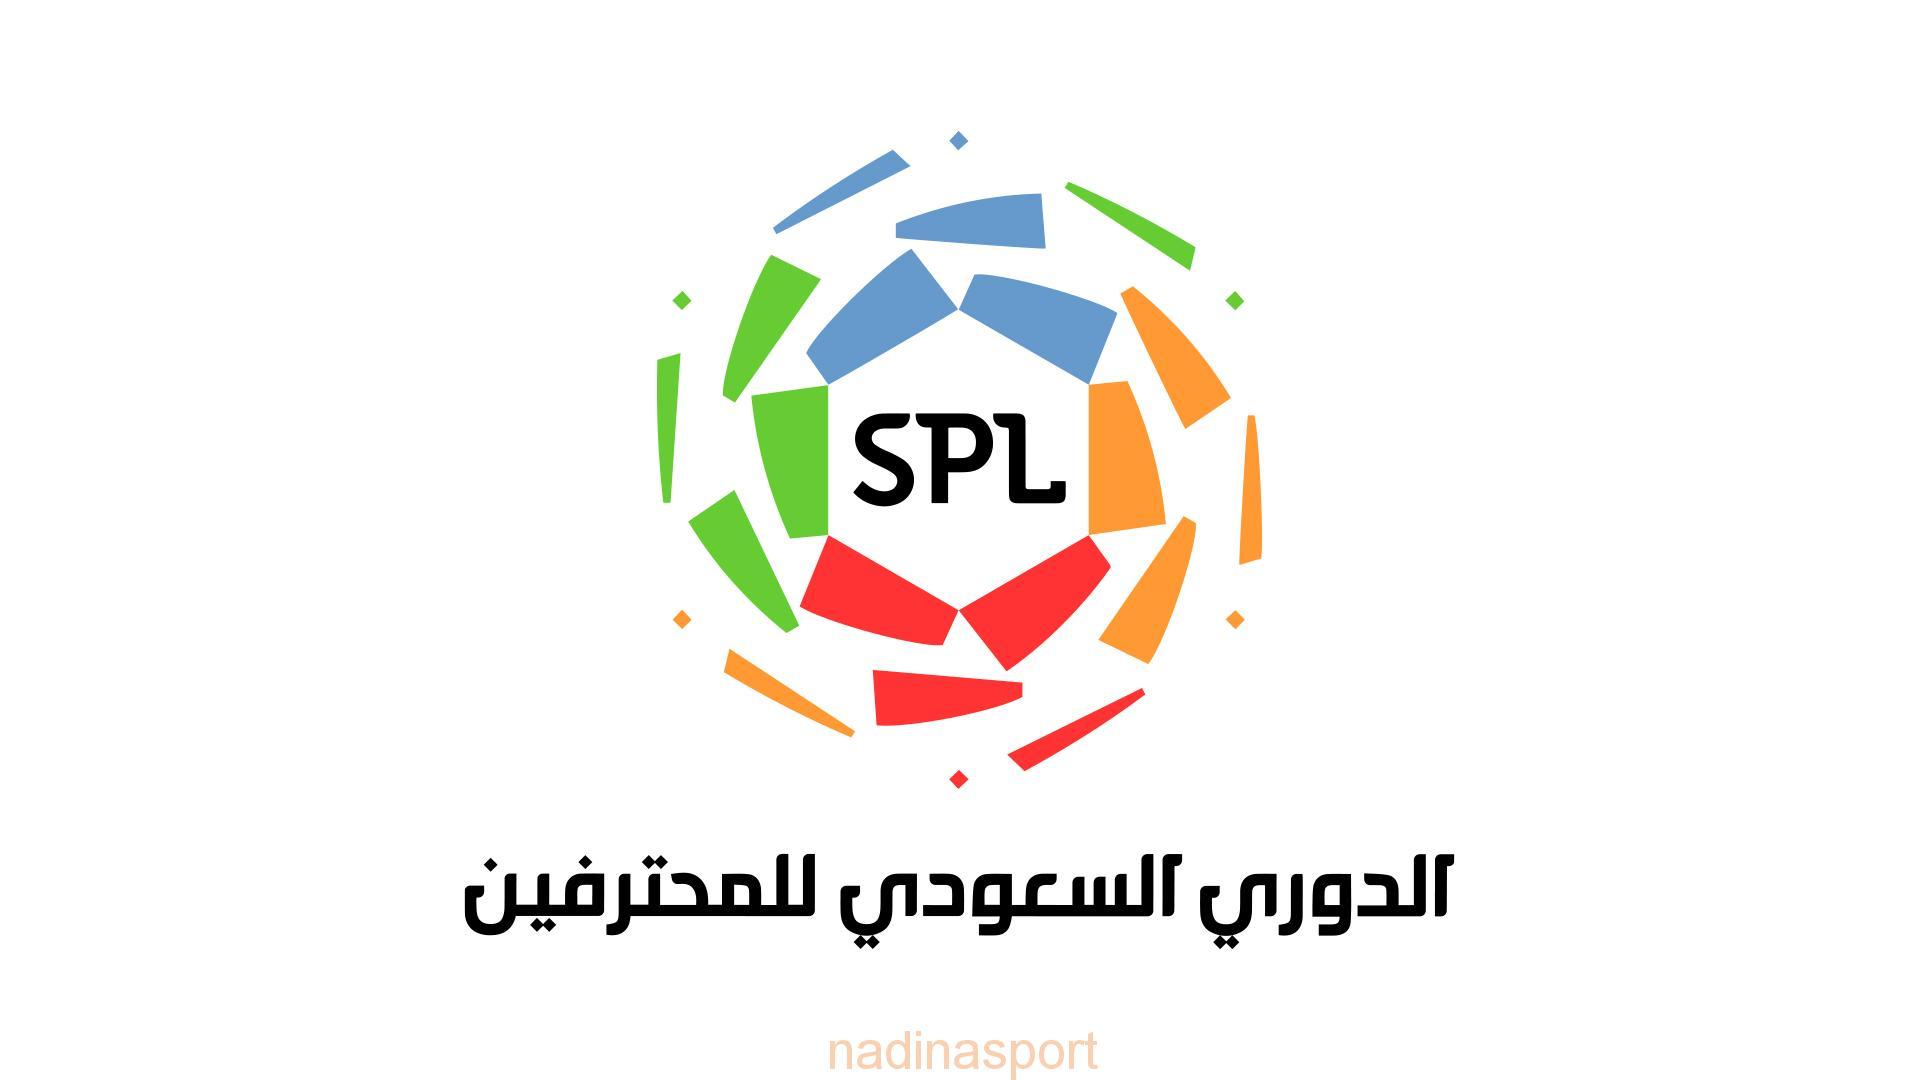 الاتحاد السعودي لكرة القدم يعلن عن الشعار الجديد للدوري السعودي للمحترفين